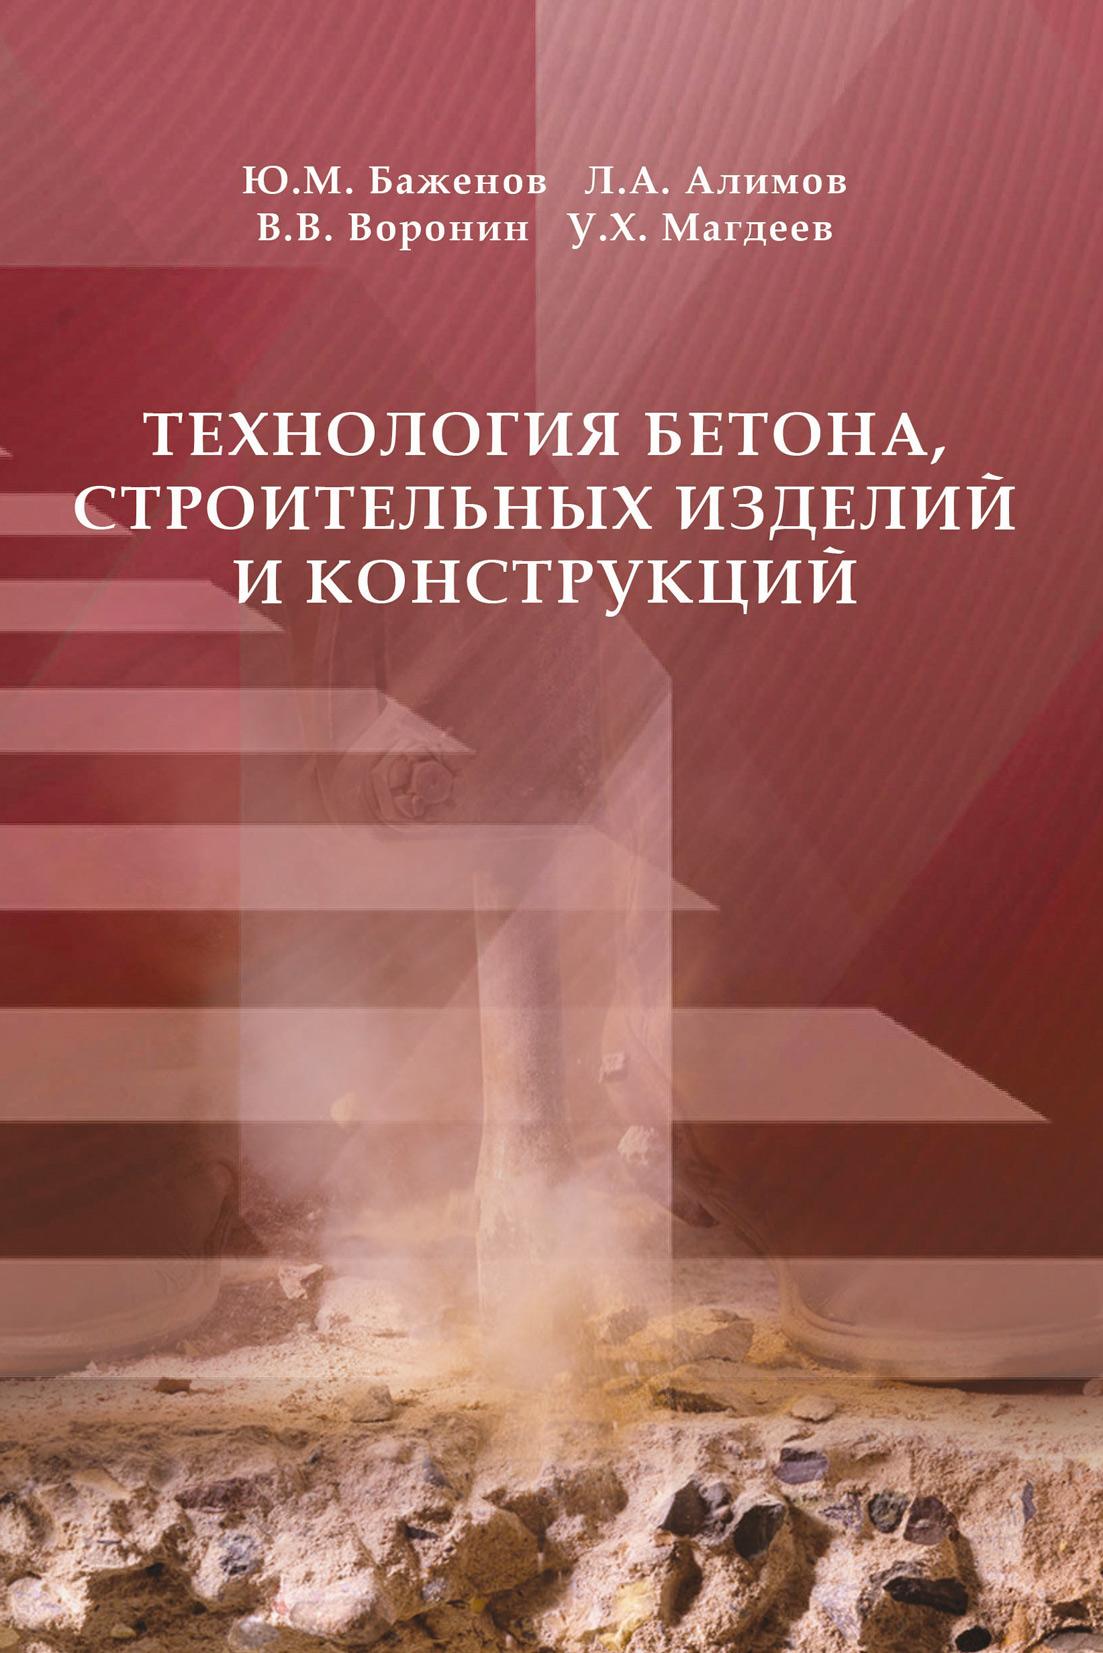 Ю. М. Баженов Технология бетона, строительных изделий и конструкций